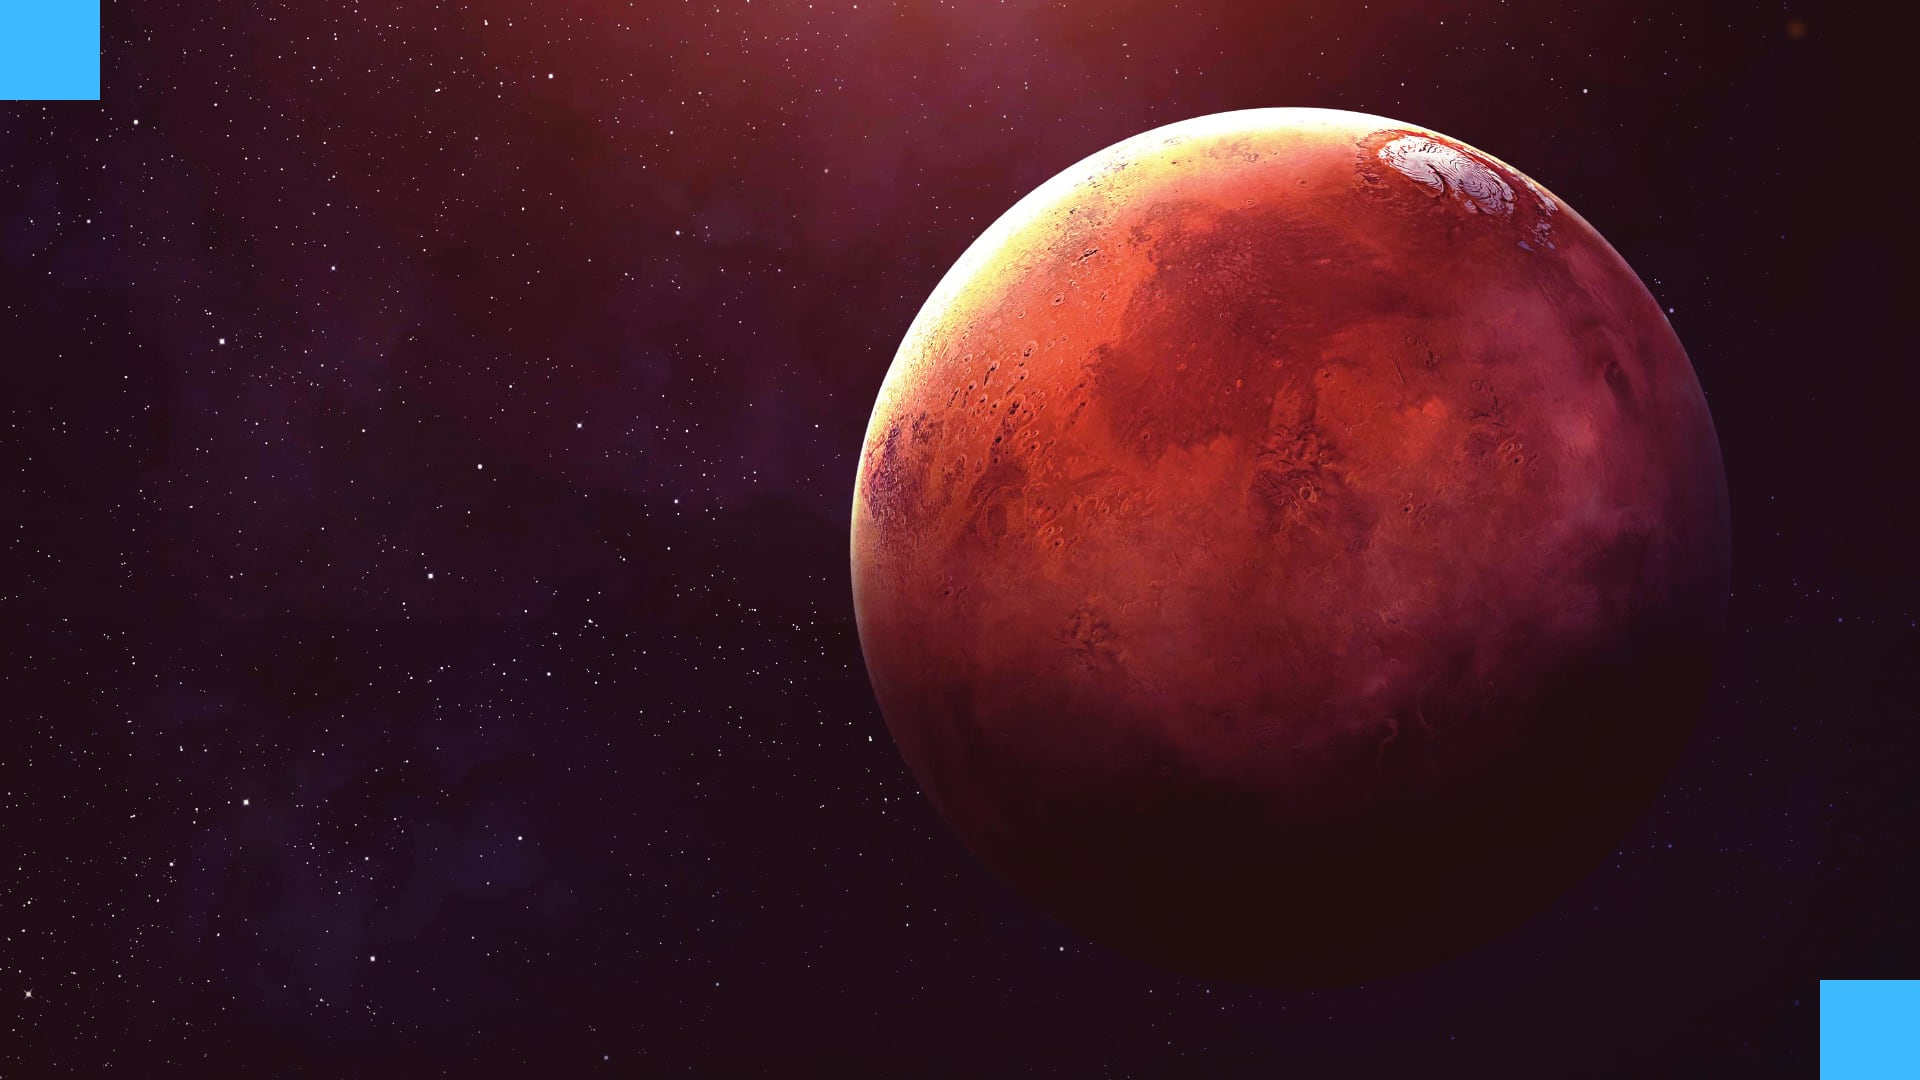 Mars'a Gidenler Orada 2 Sene Yaşamak Zorundalar!